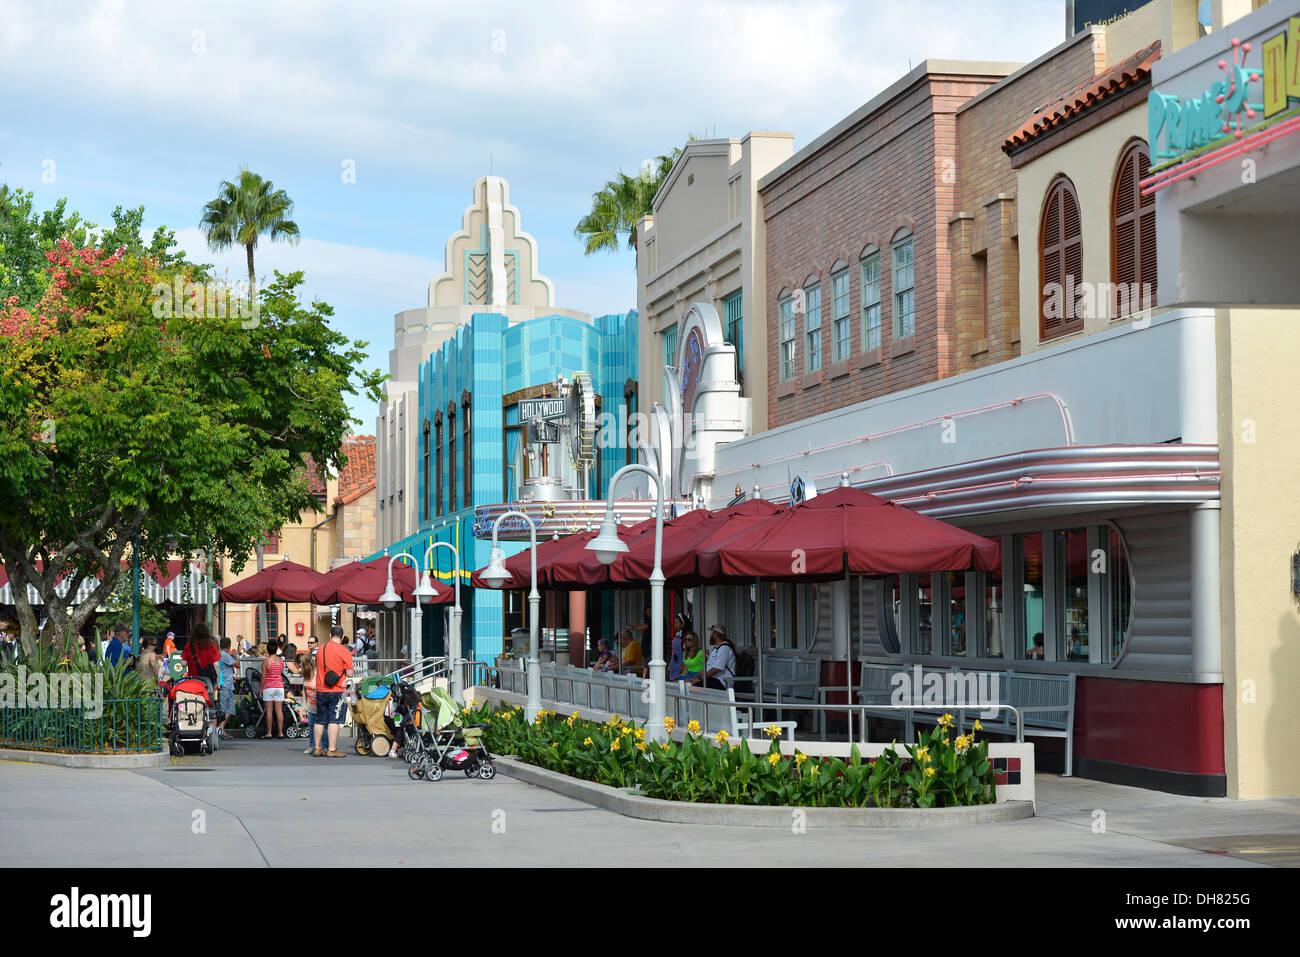 Fare acquisti e cenare presso gli studios di Hollywood, Hollywood & Vine Ristorante, Disney World Resort di Orlando, Florida Immagini Stock